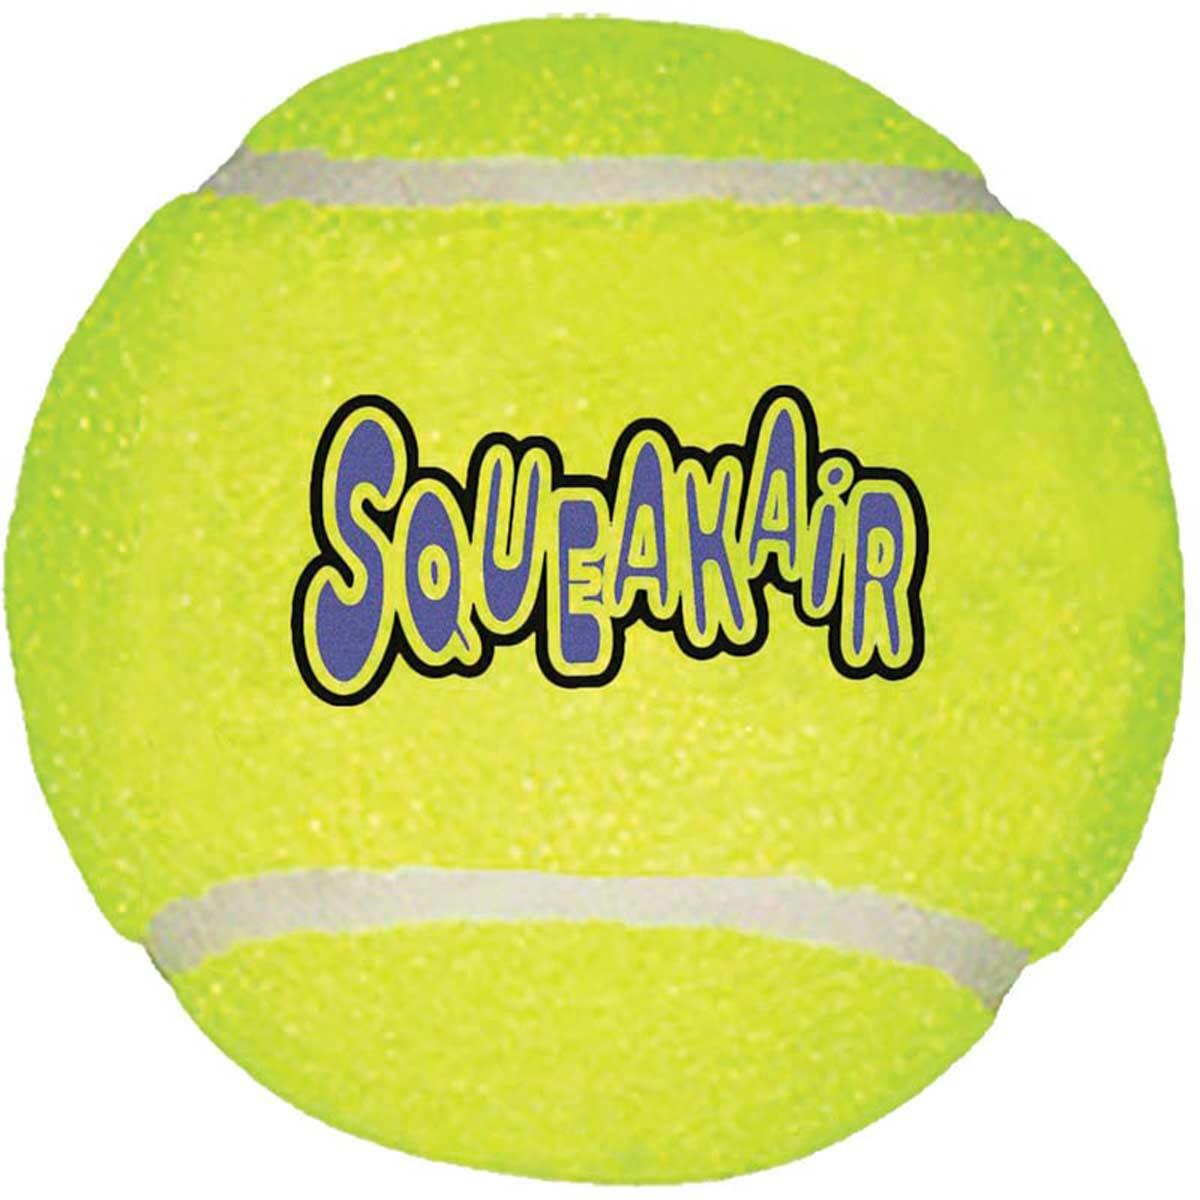 KONG XL Squeakair Tennis Ball 4 inches